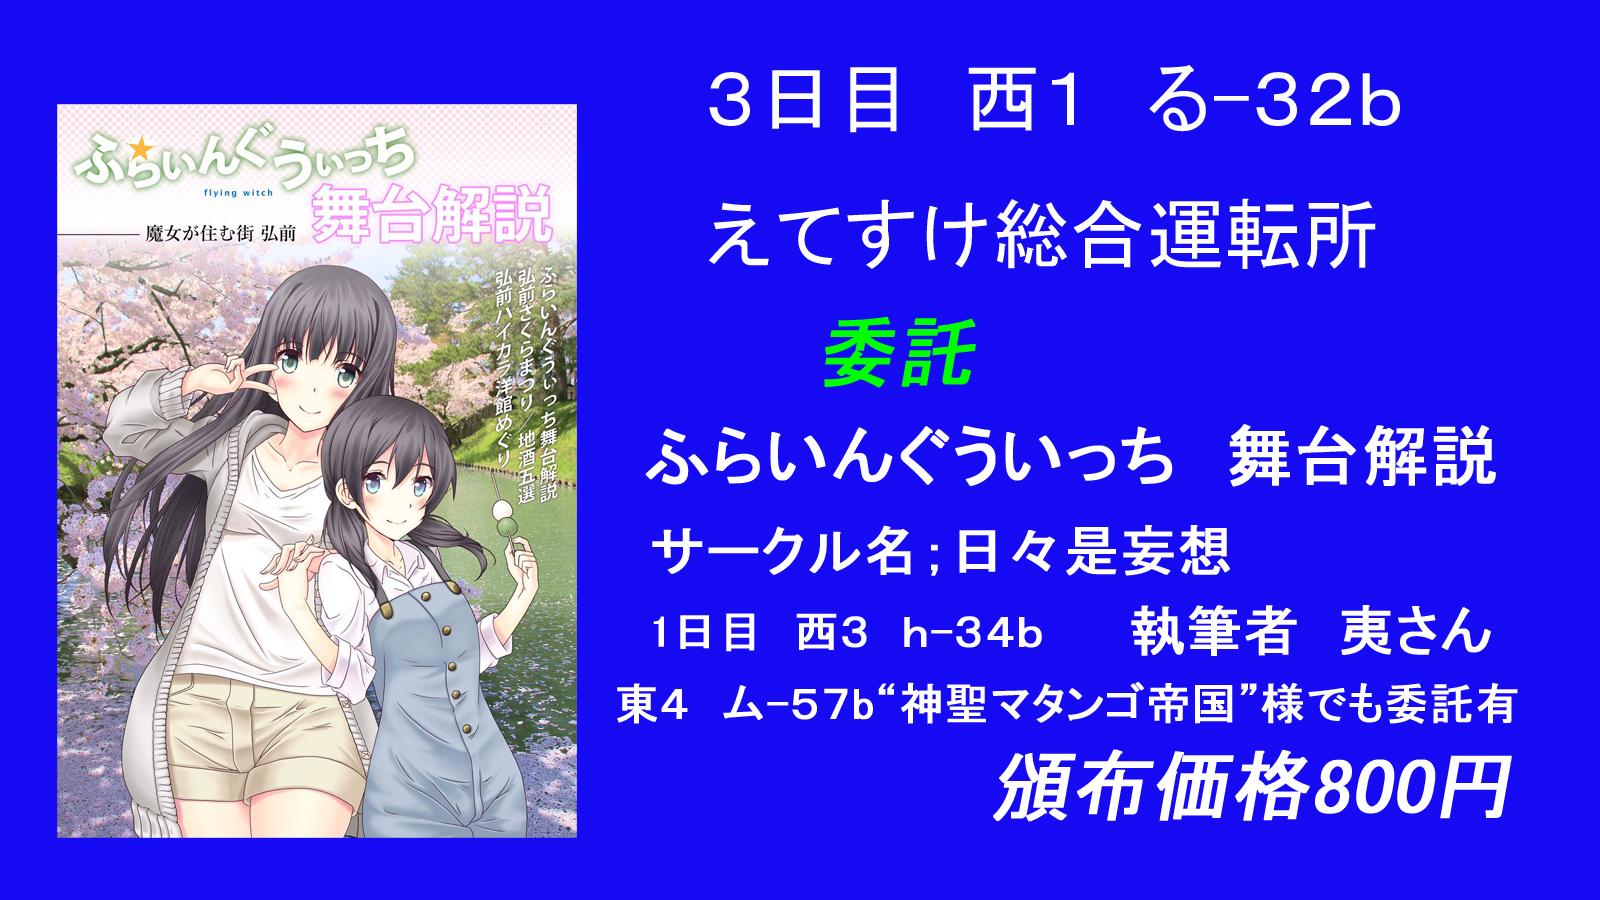 コミケ宣伝放送3 委託フライングウイッチ ジェーペグ